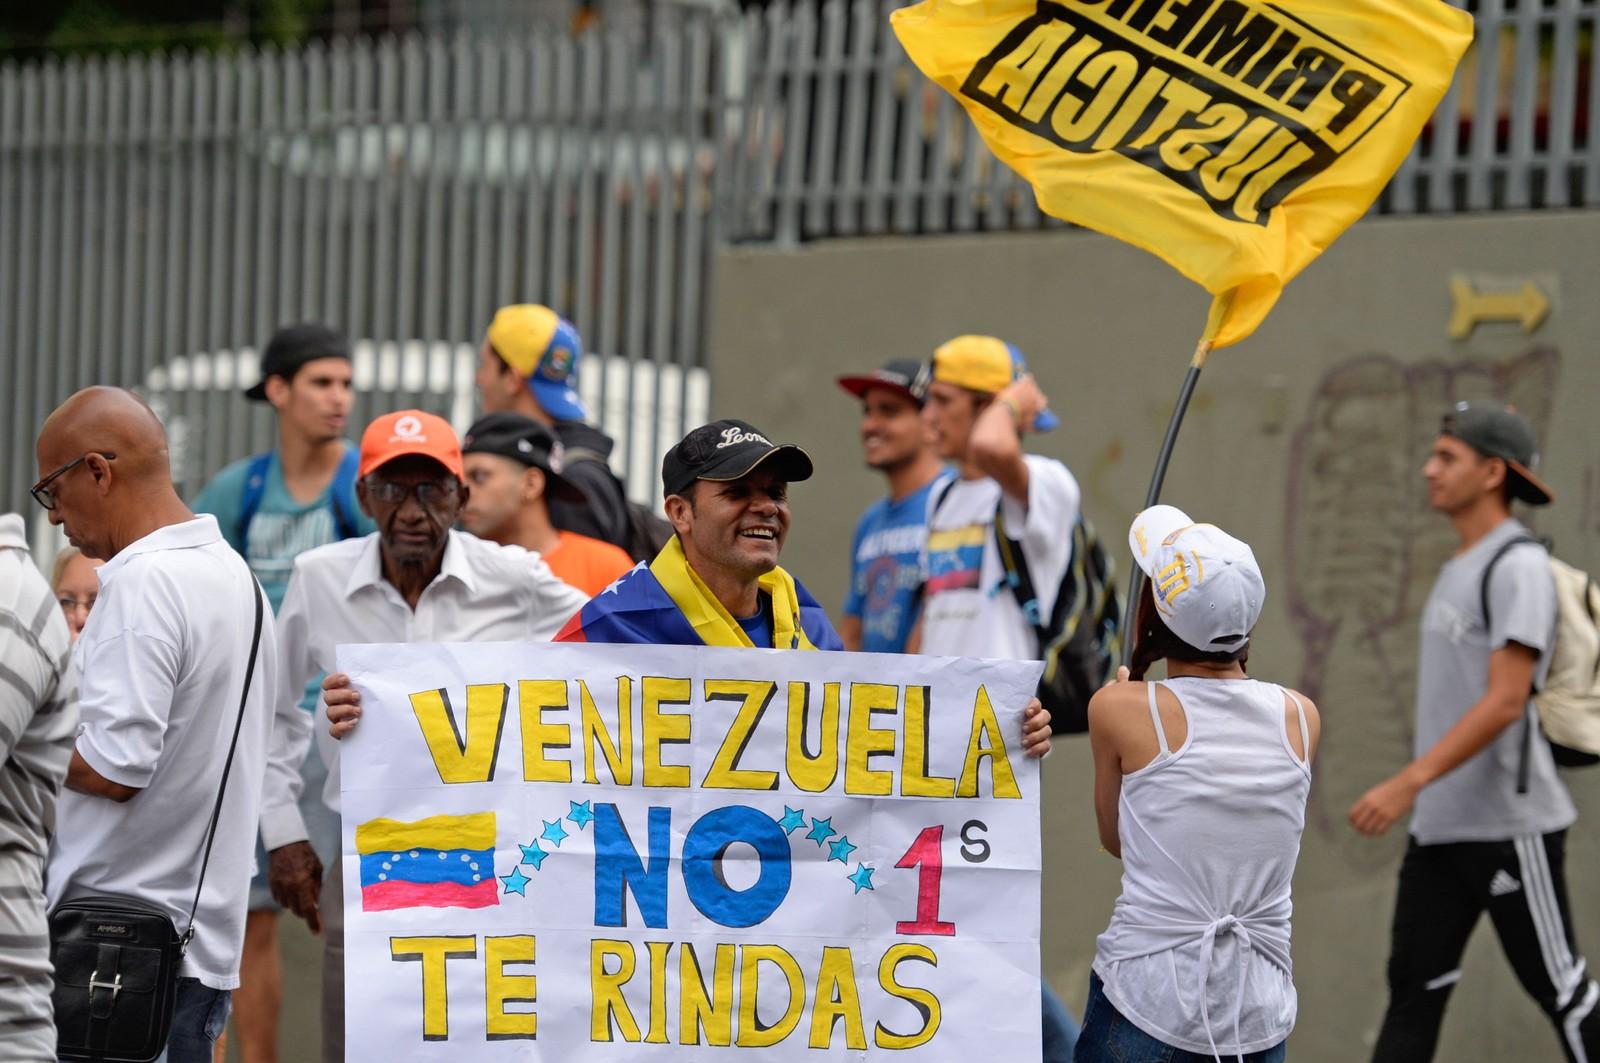 Det er demonstrasjoner både for og imot presidenten.